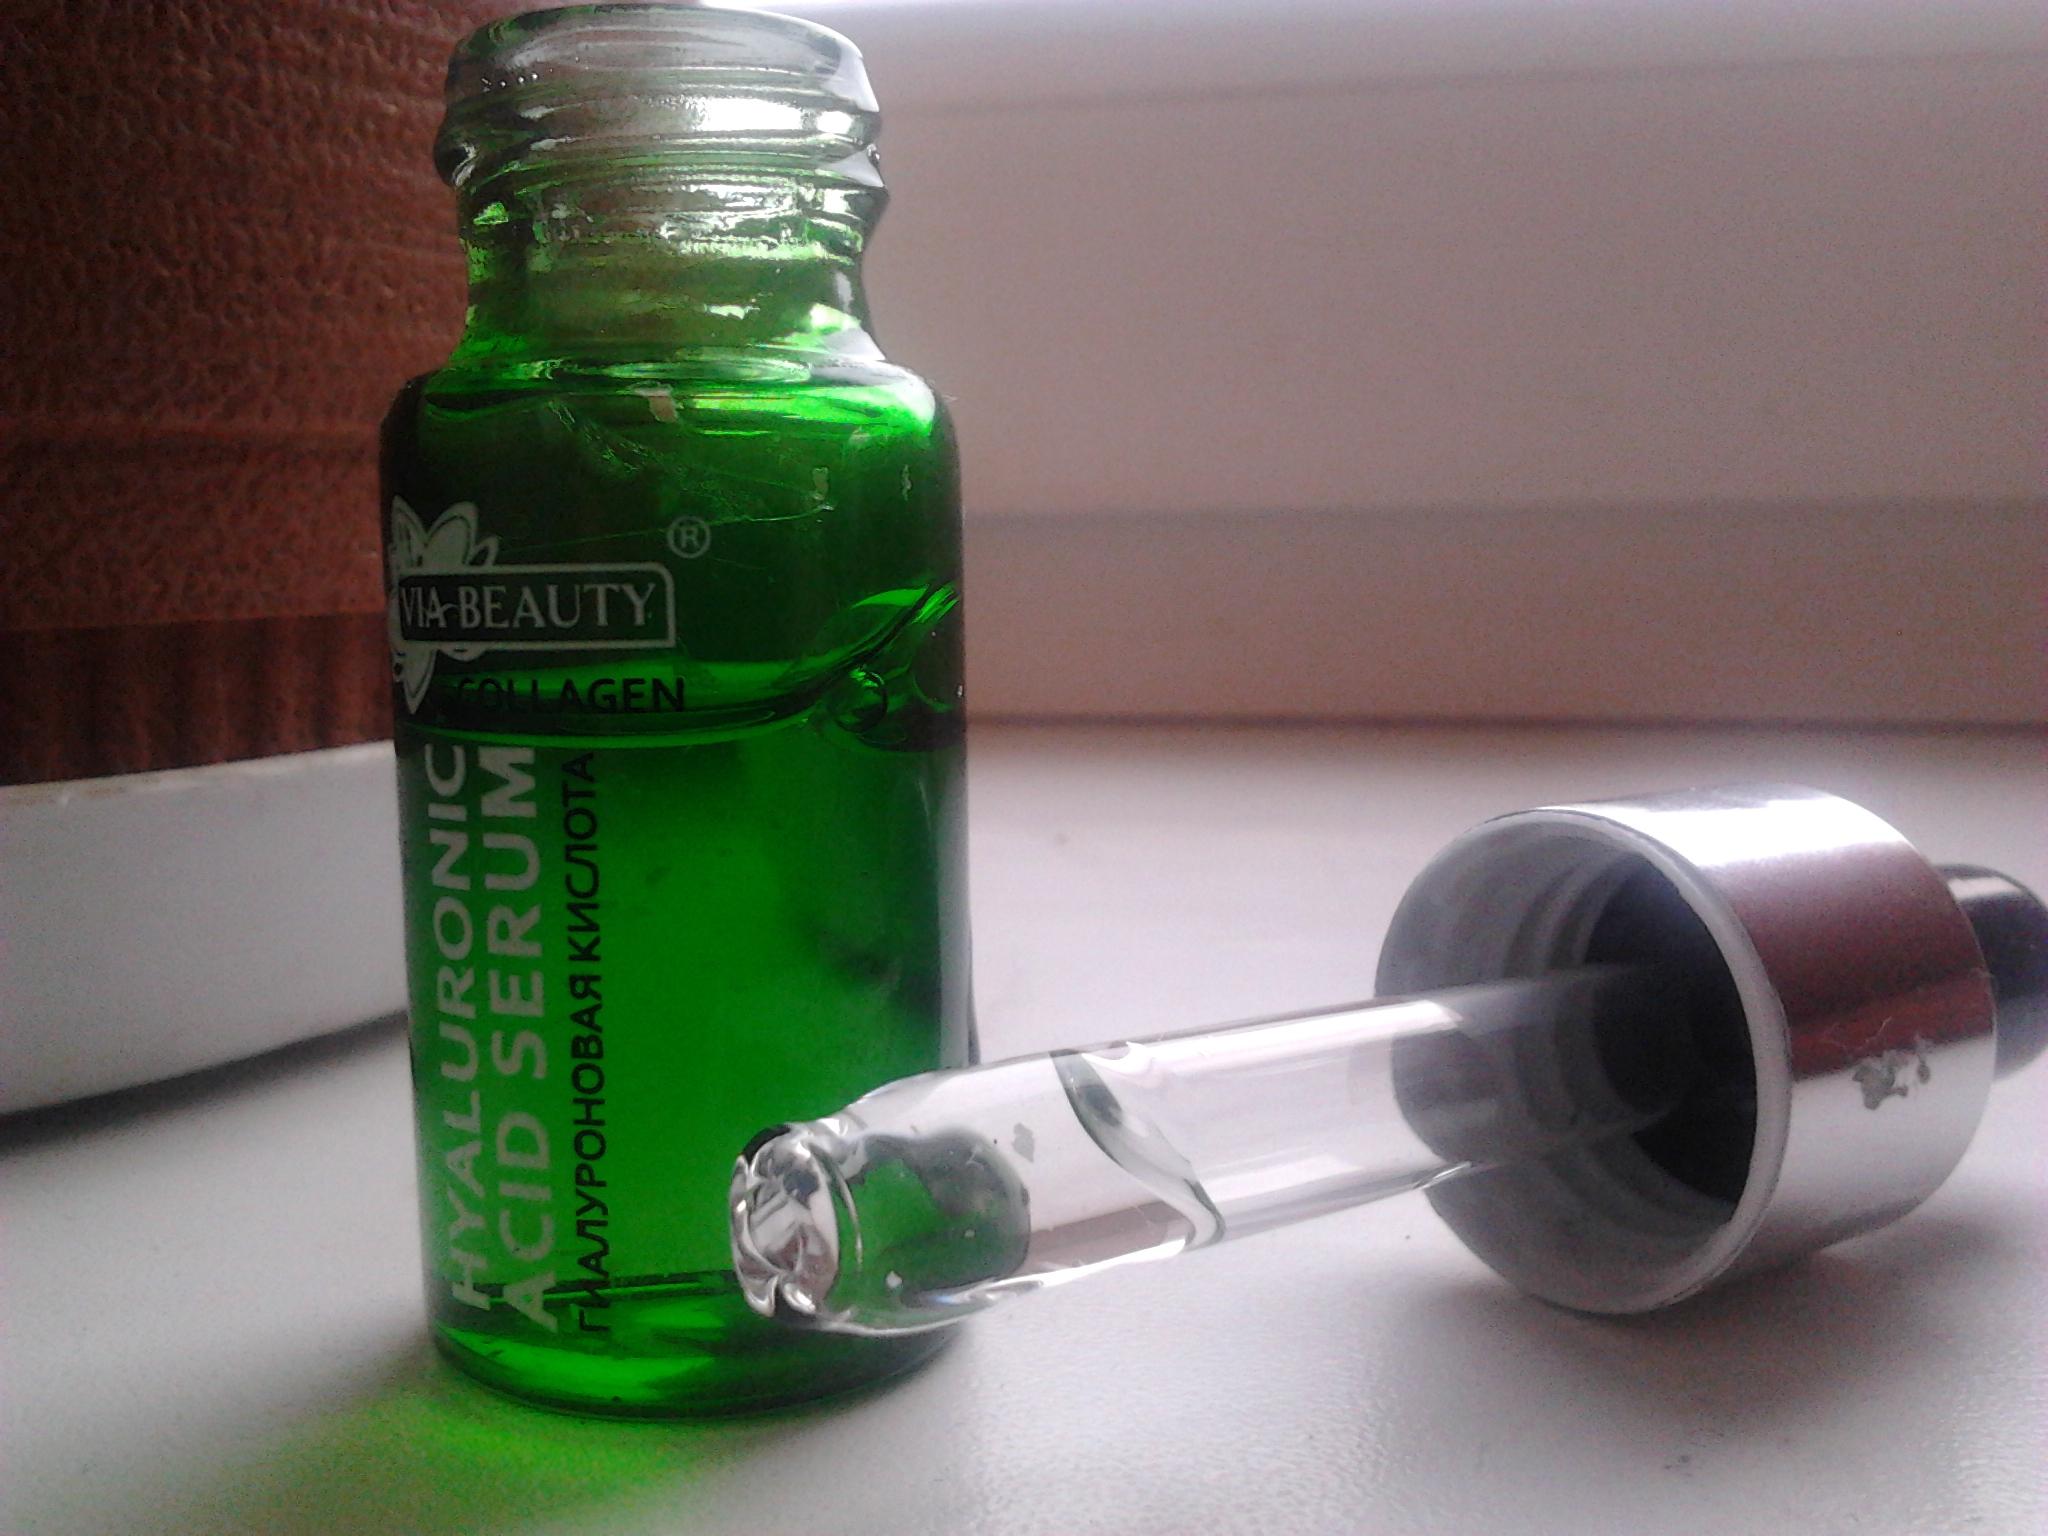 Racemizacja kwasu asparaginowego jako narzędzie randkowe dla zębiny to rzeczywistość